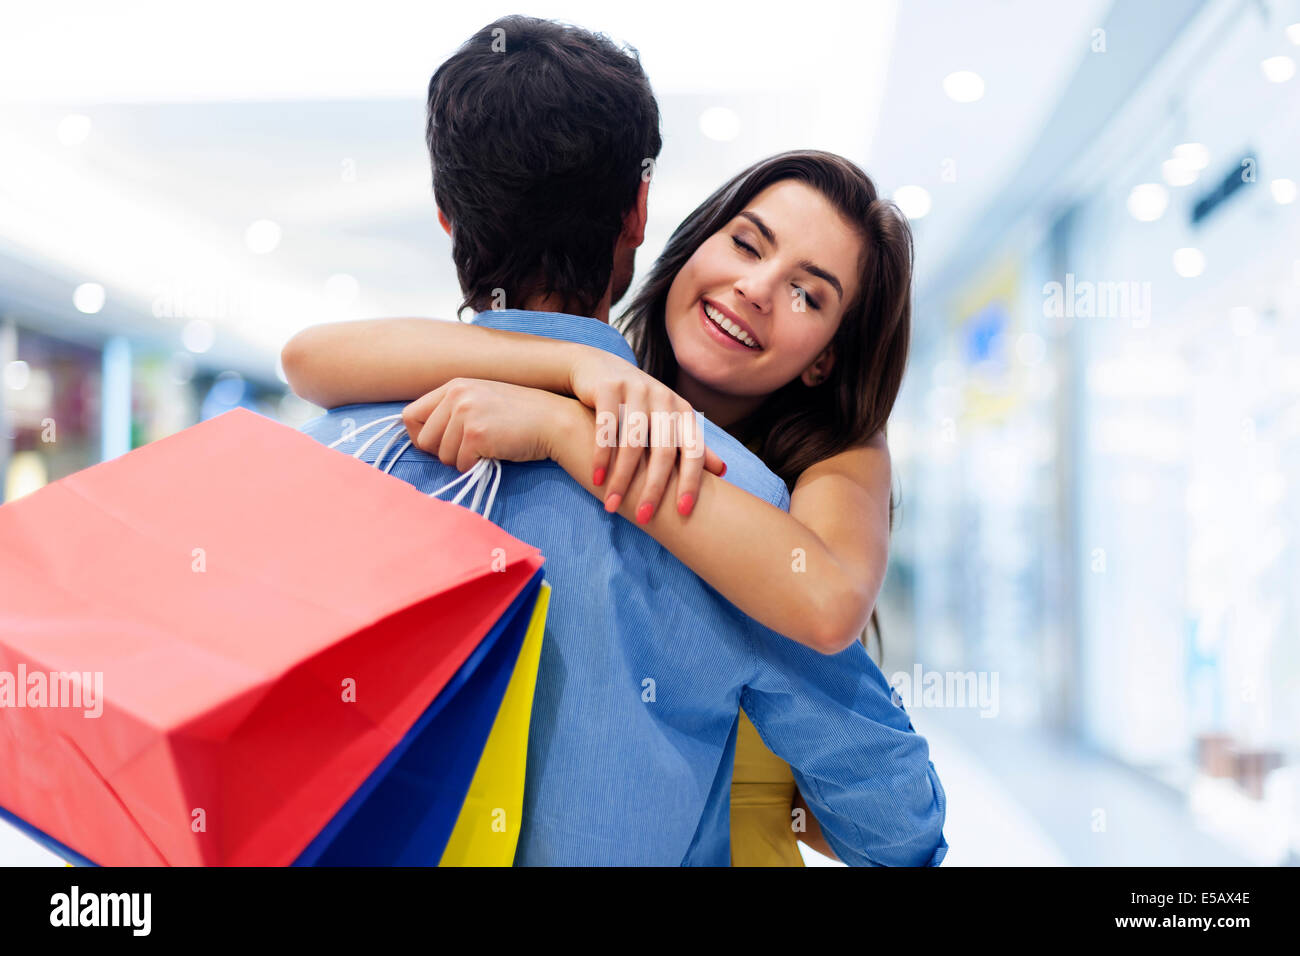 Belle jeune femme accueillant dans le shopping mall Debica, Pologne Photo Stock